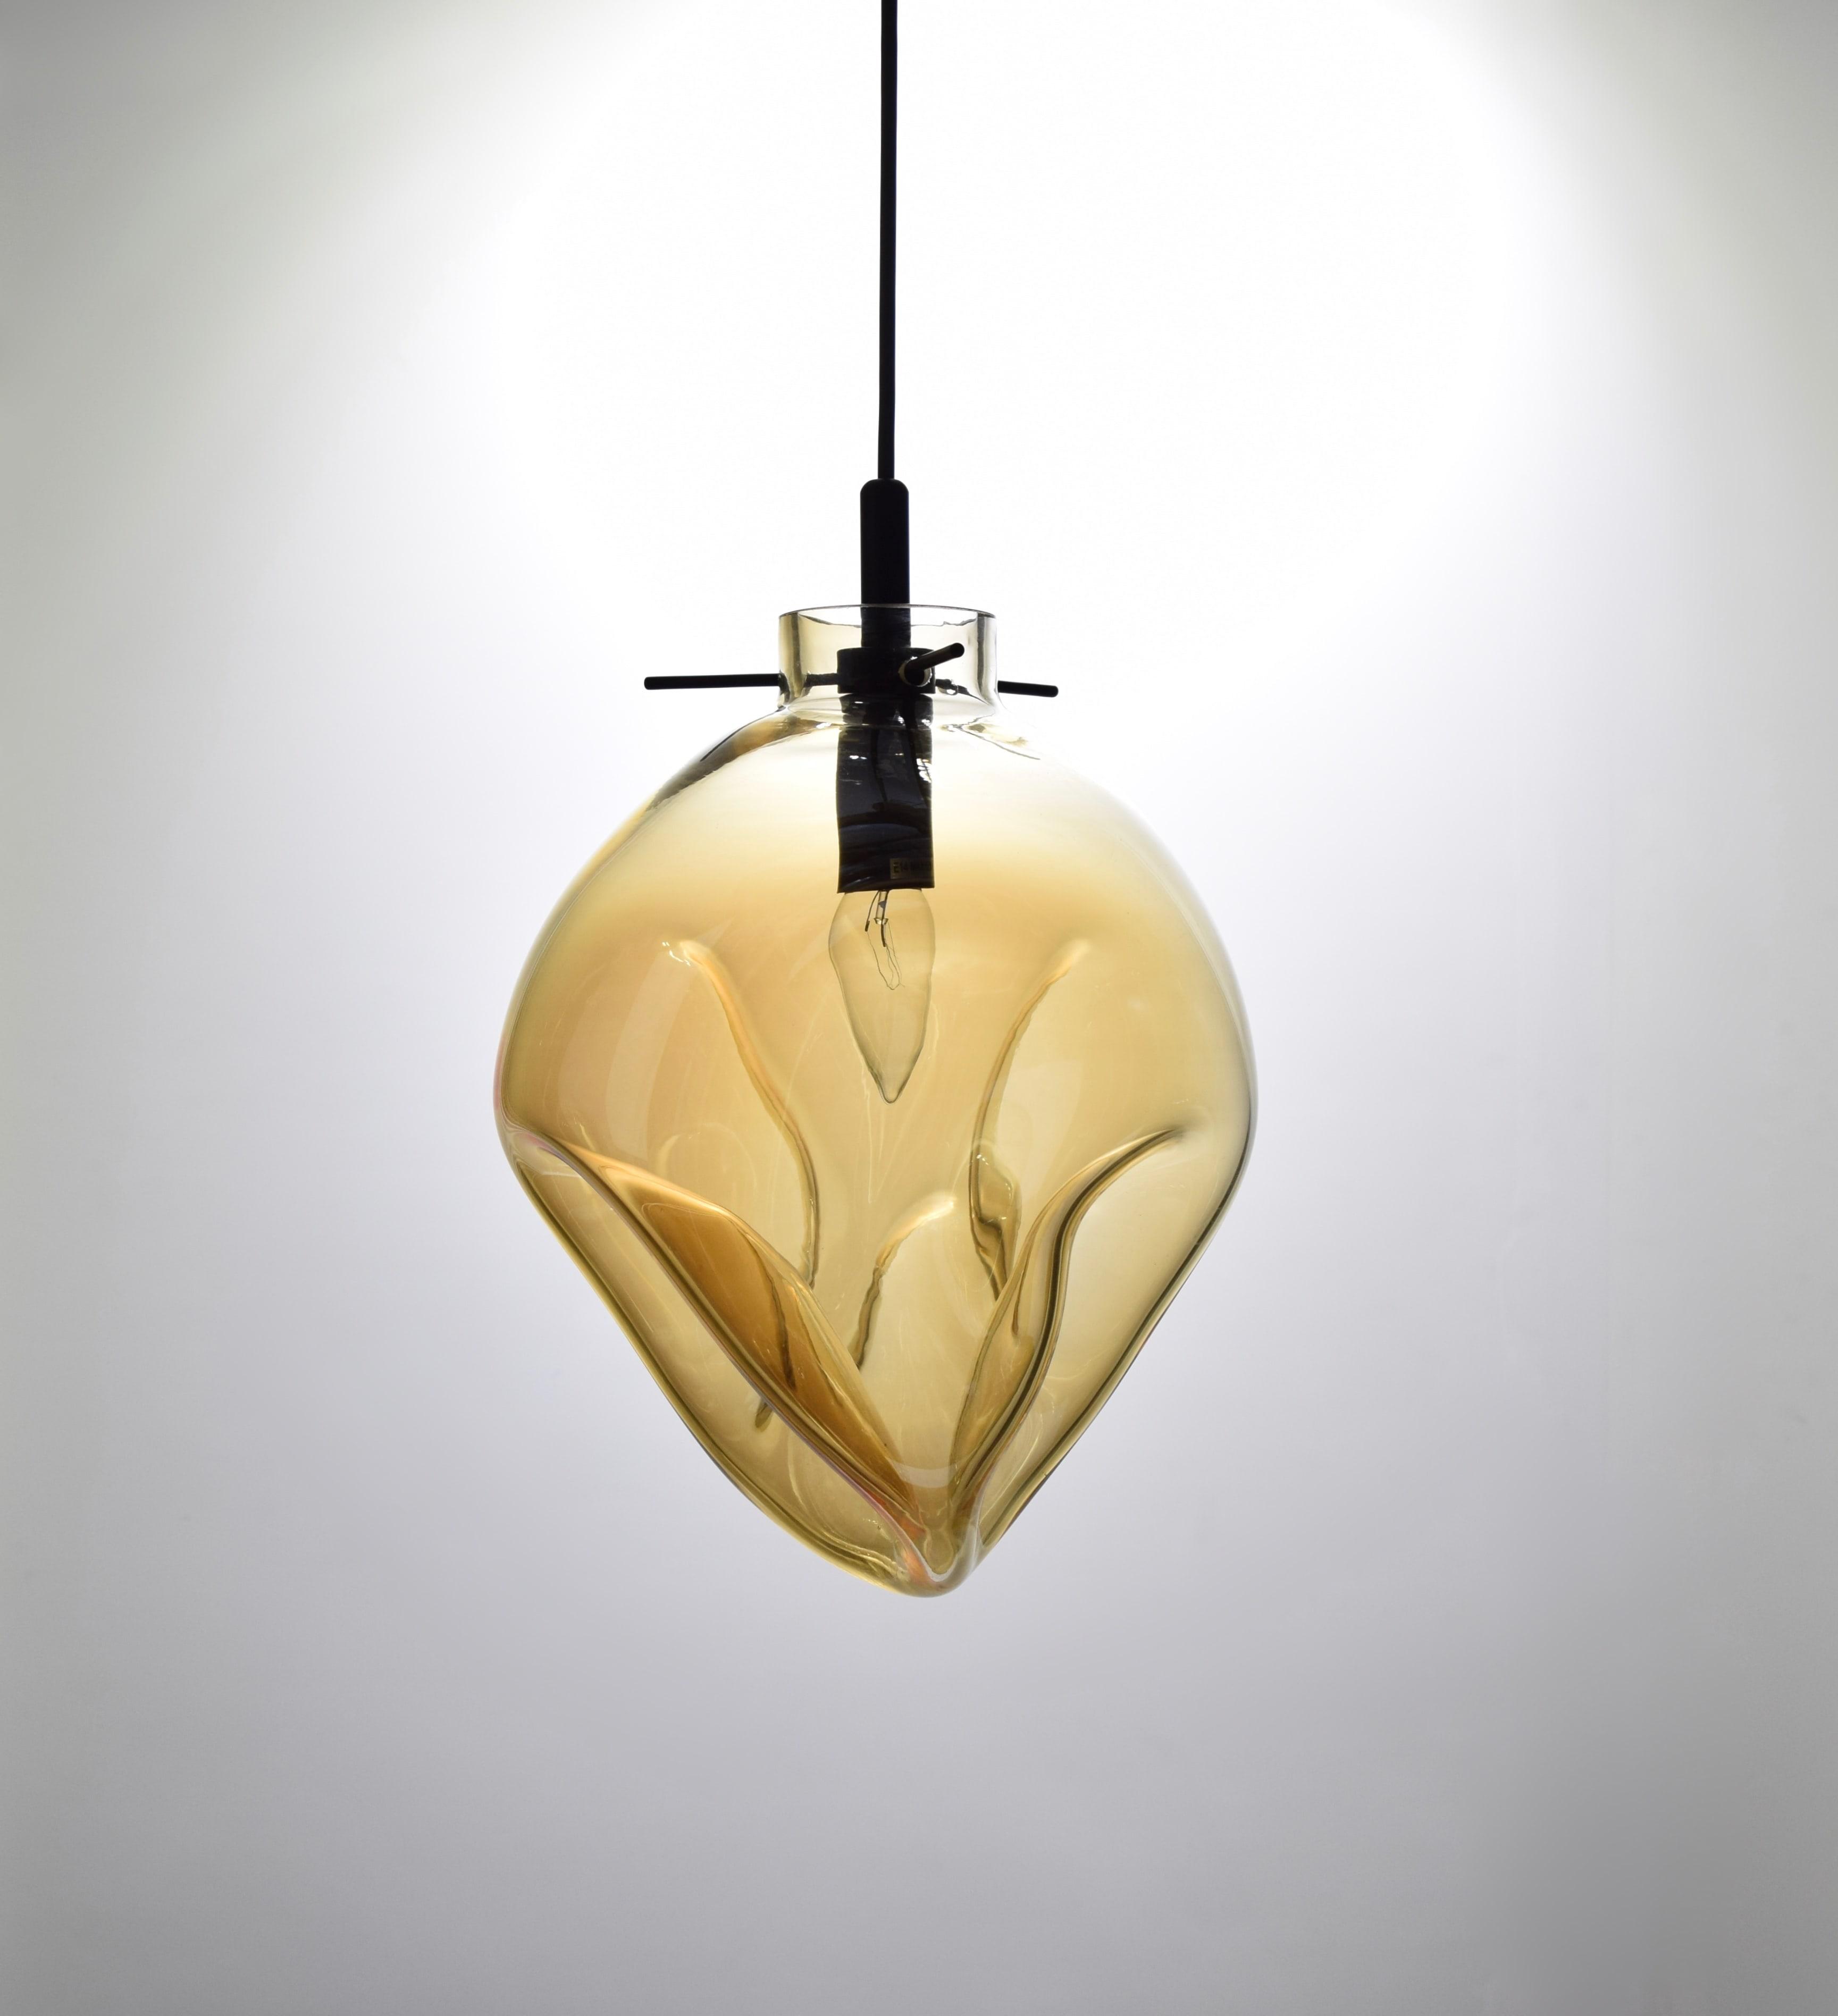 手工吹製琥珀色玻璃吊燈-BNL00114 0